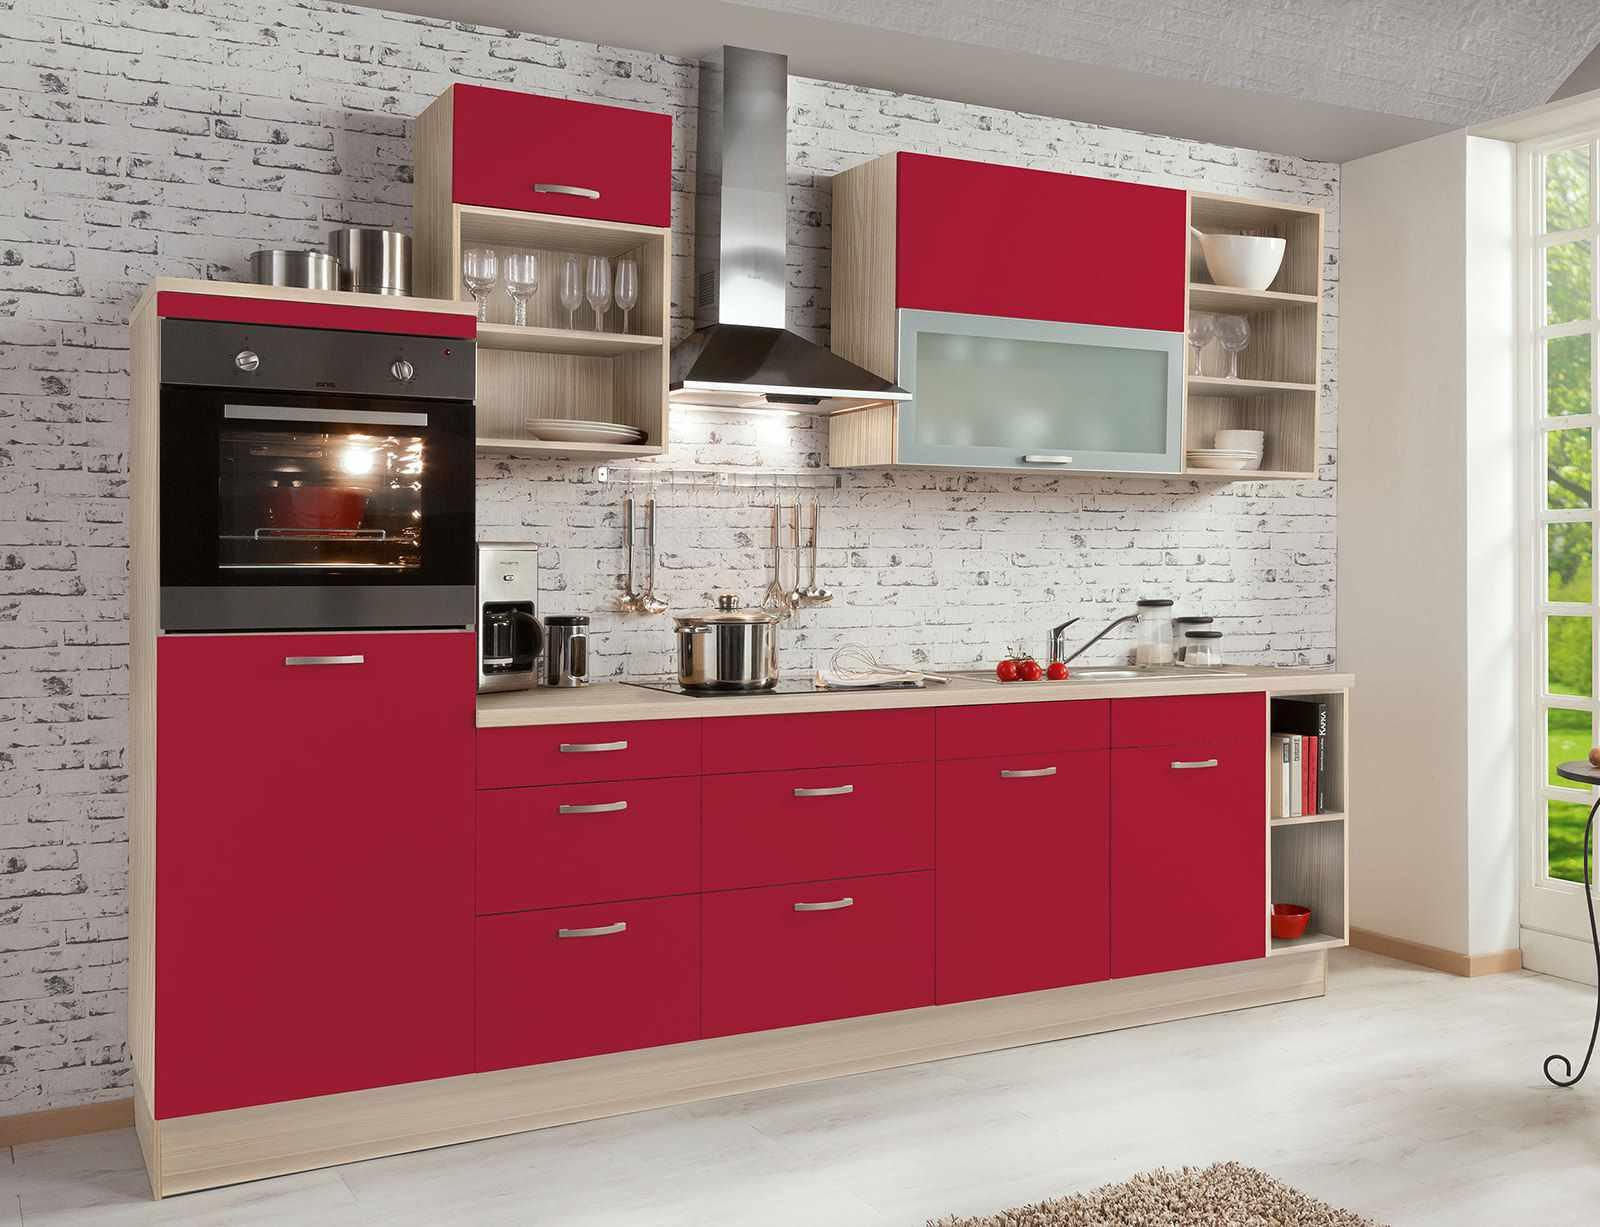 ideea unui stil neobișnuit de bucătărie roșie